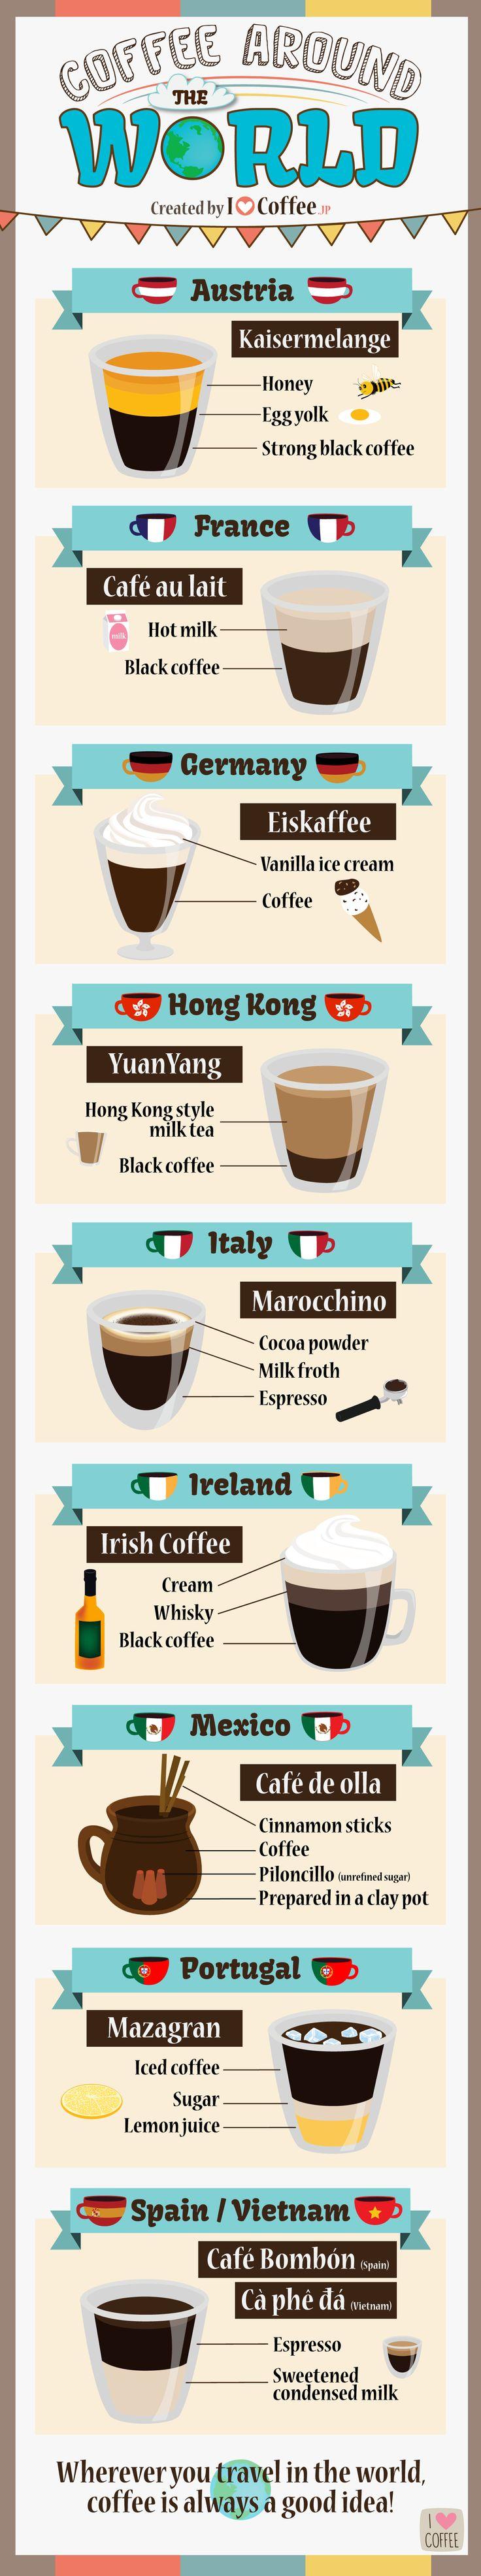 Coffee around the world - I Love Coffee